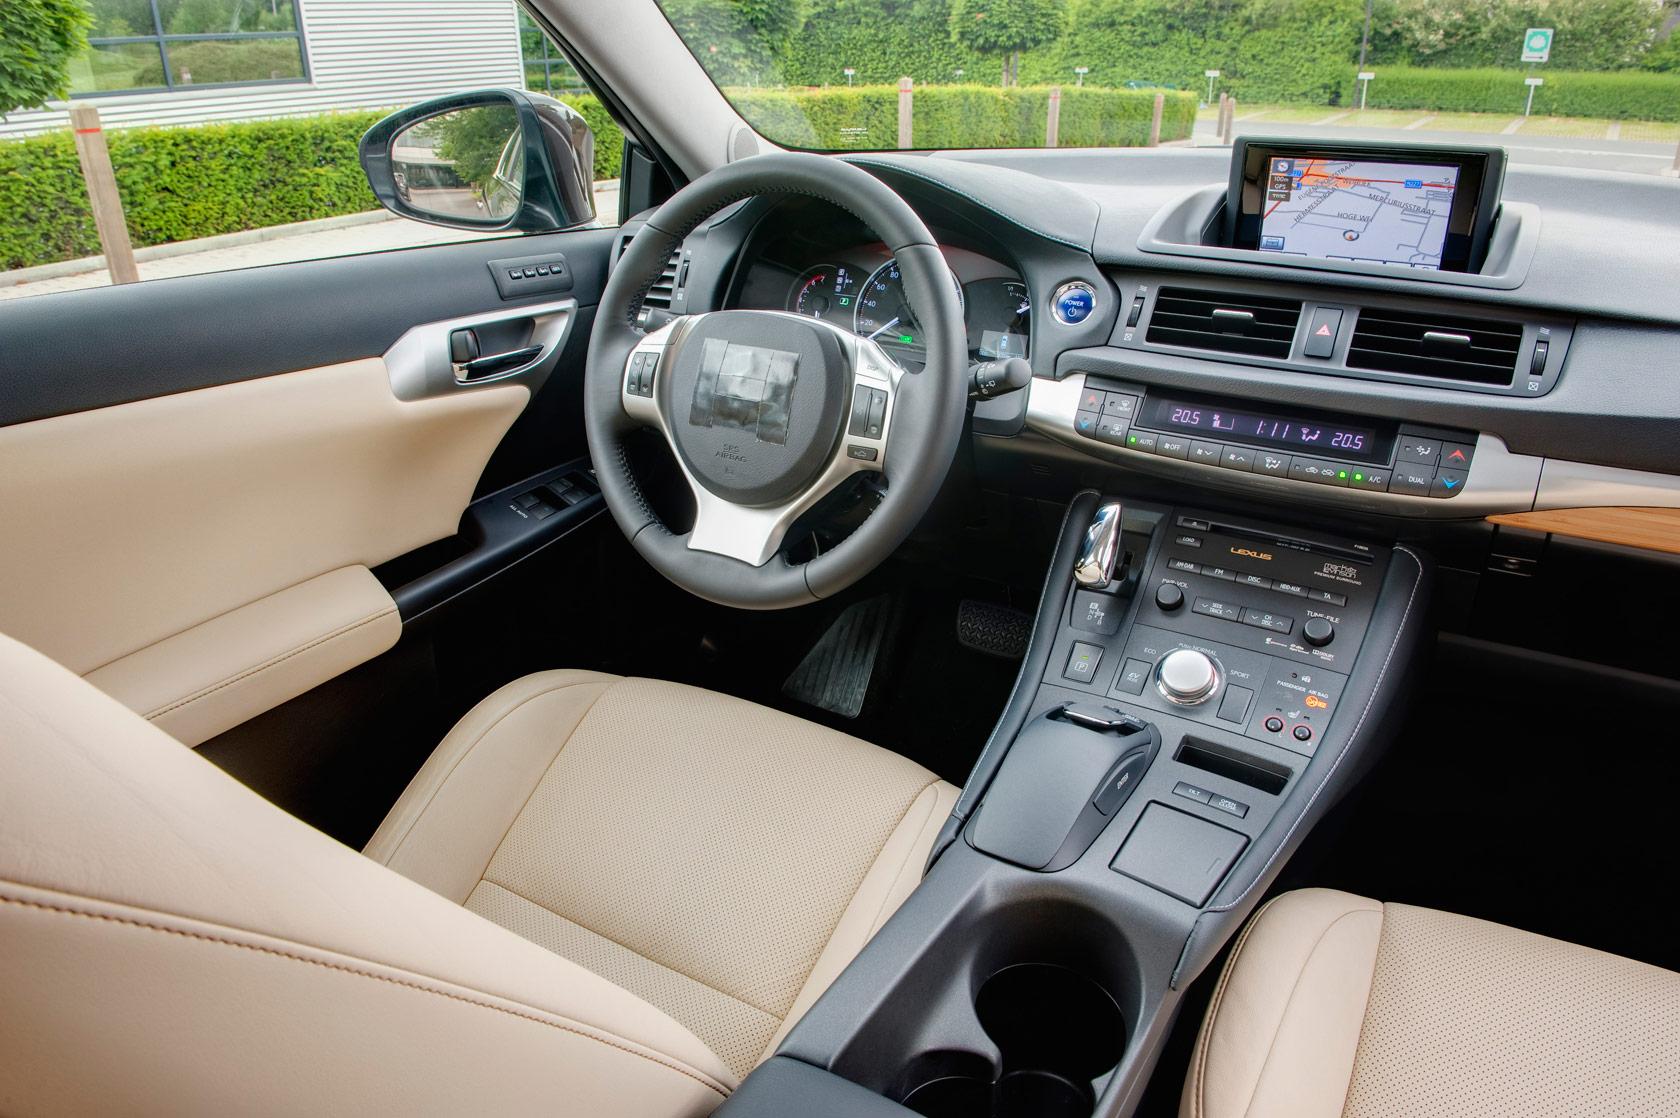 Live lexus ct 200h interior photos lexus enthusiast for New interior